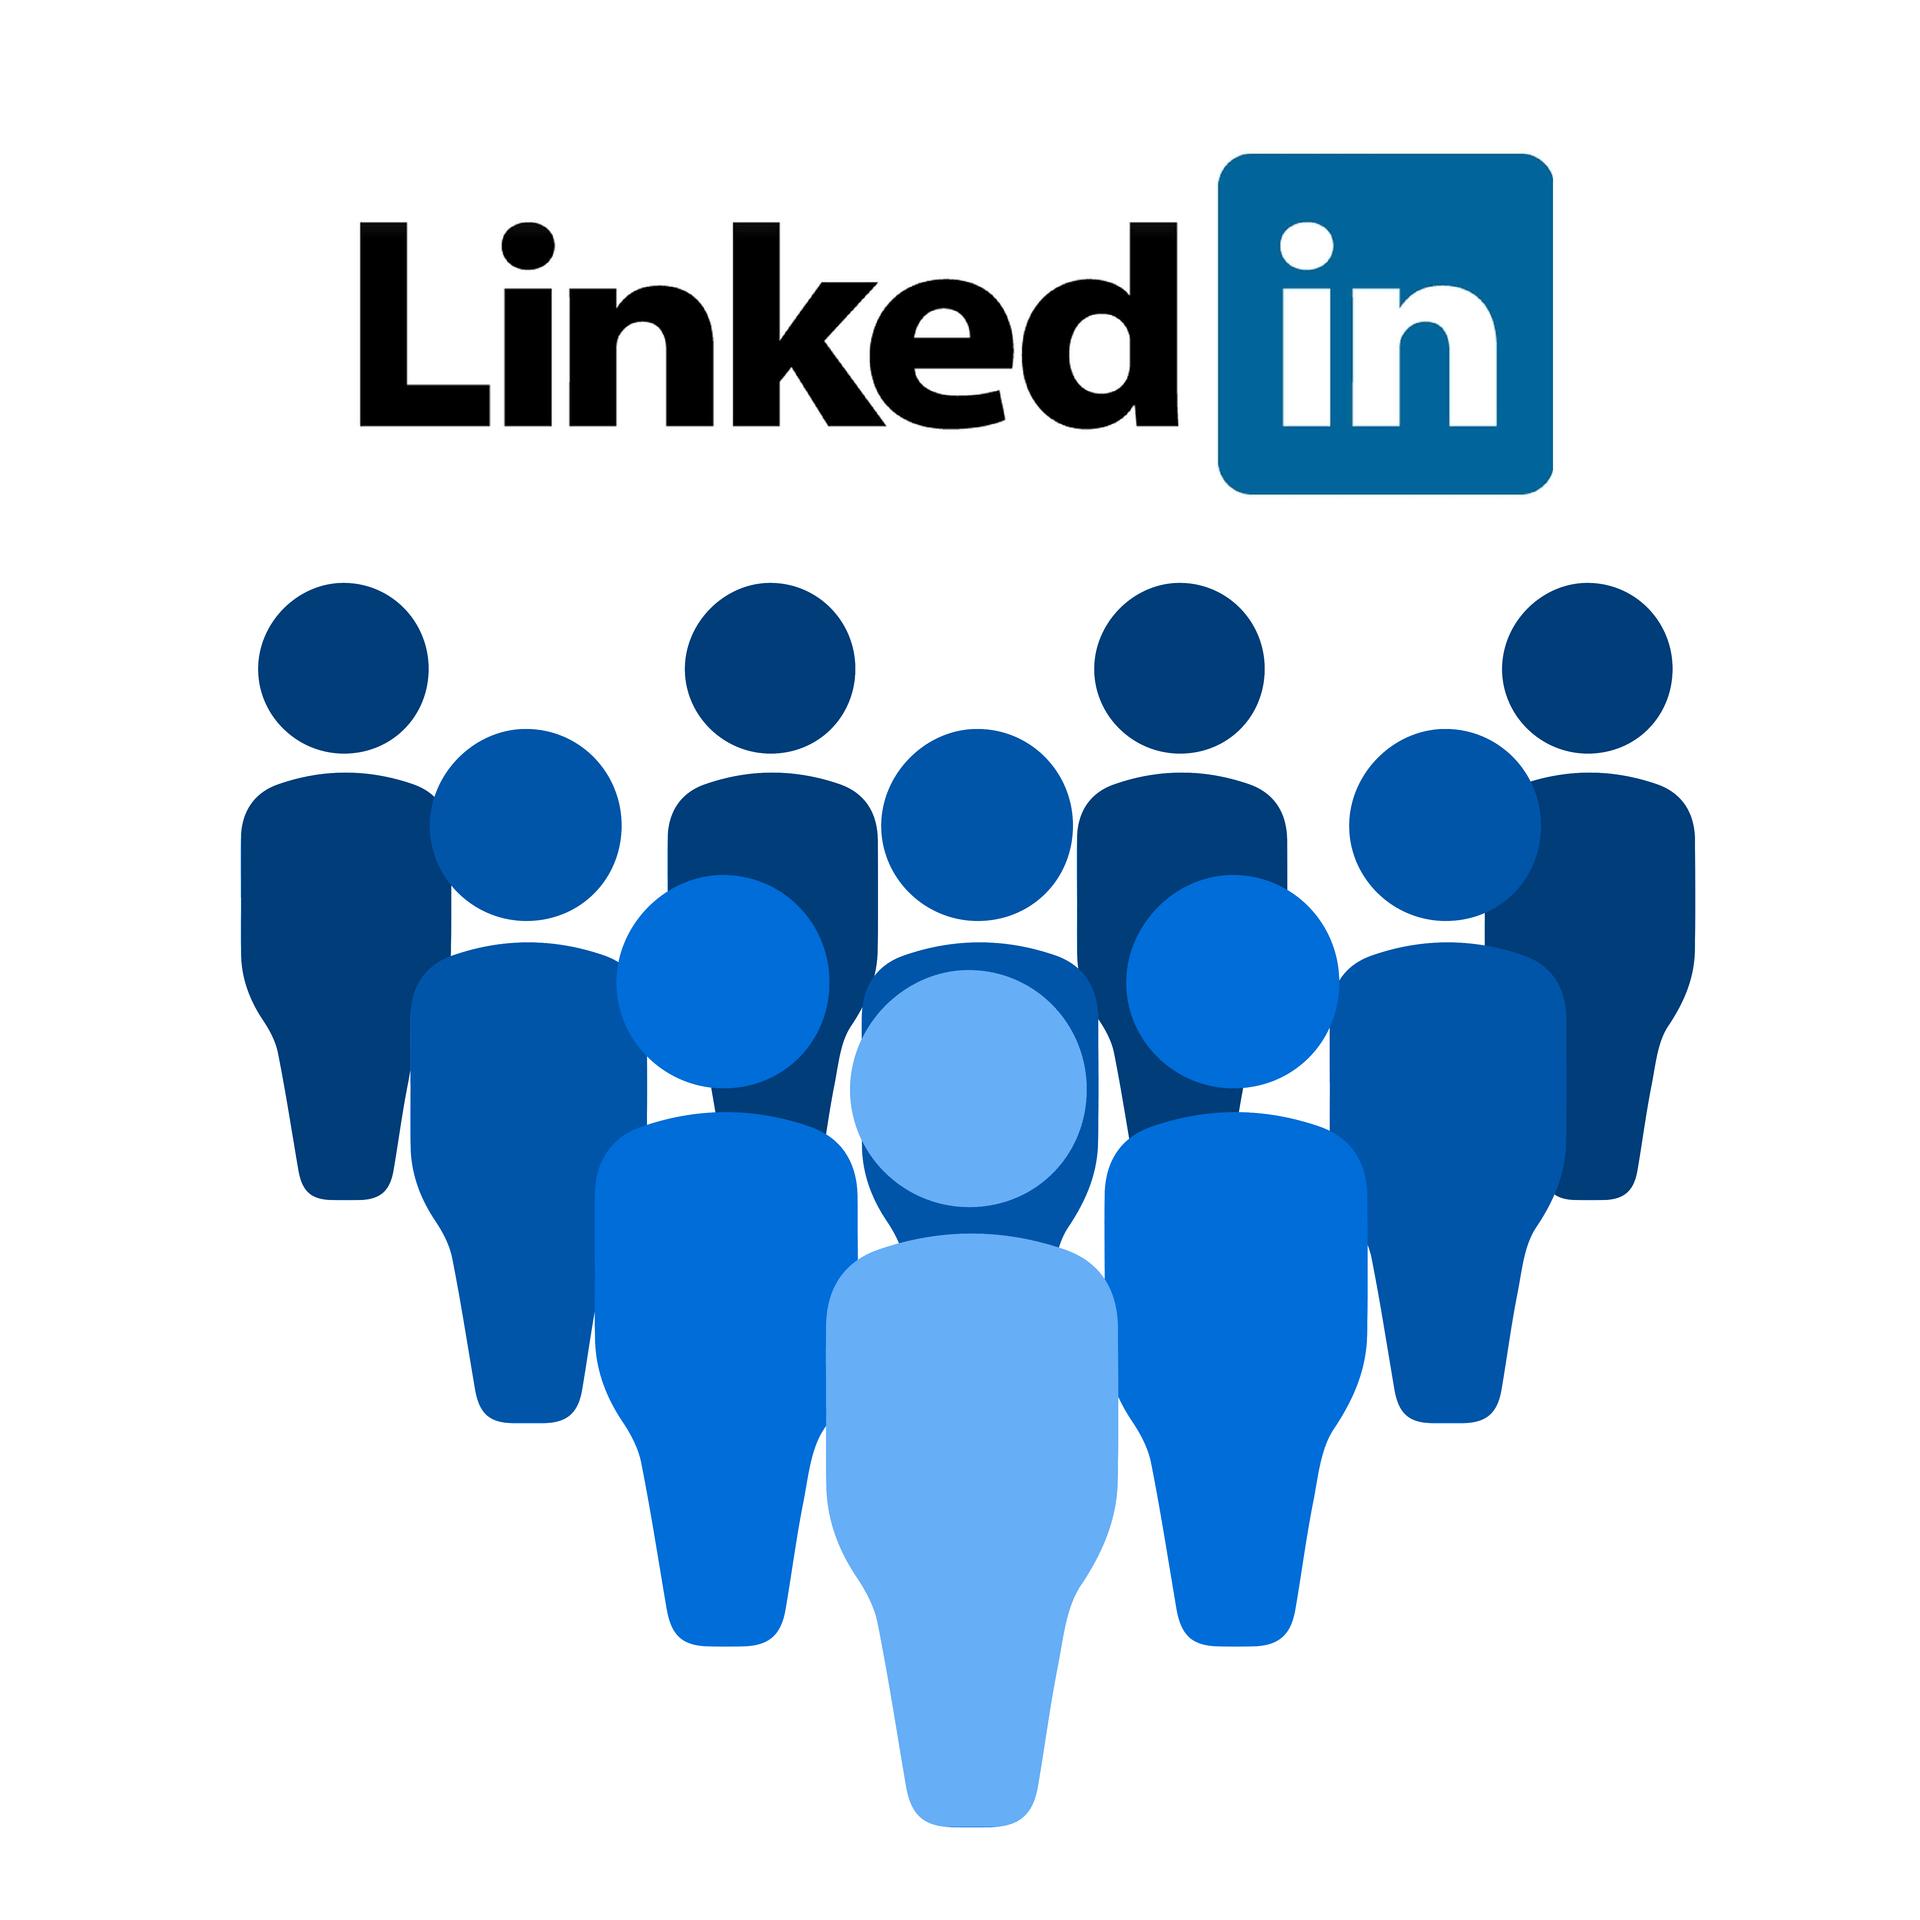 linkedin-data-driven-insights